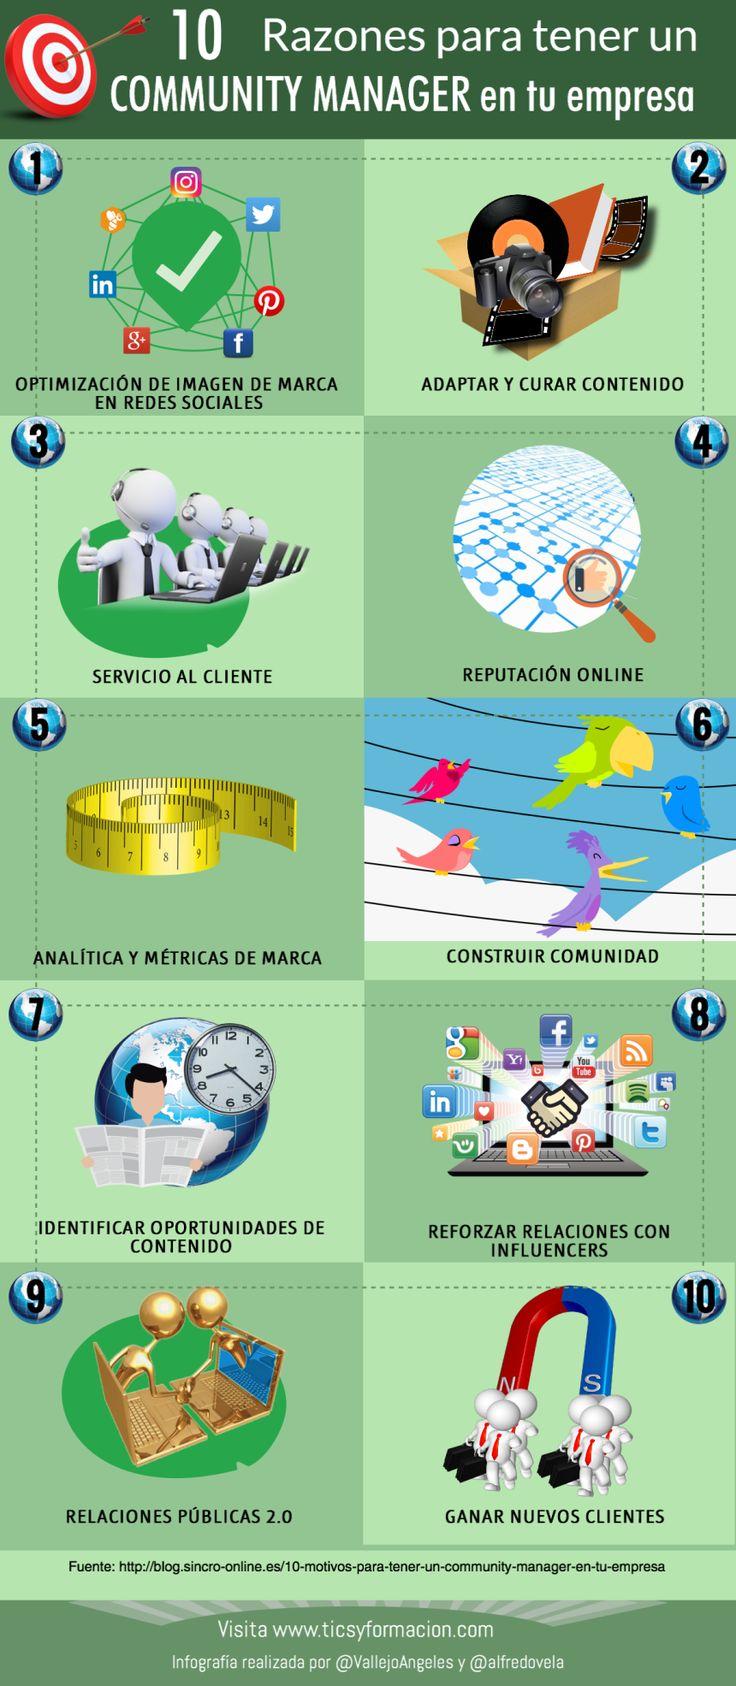 10 razones para tener un Community Manager en tu Empresa #infografia